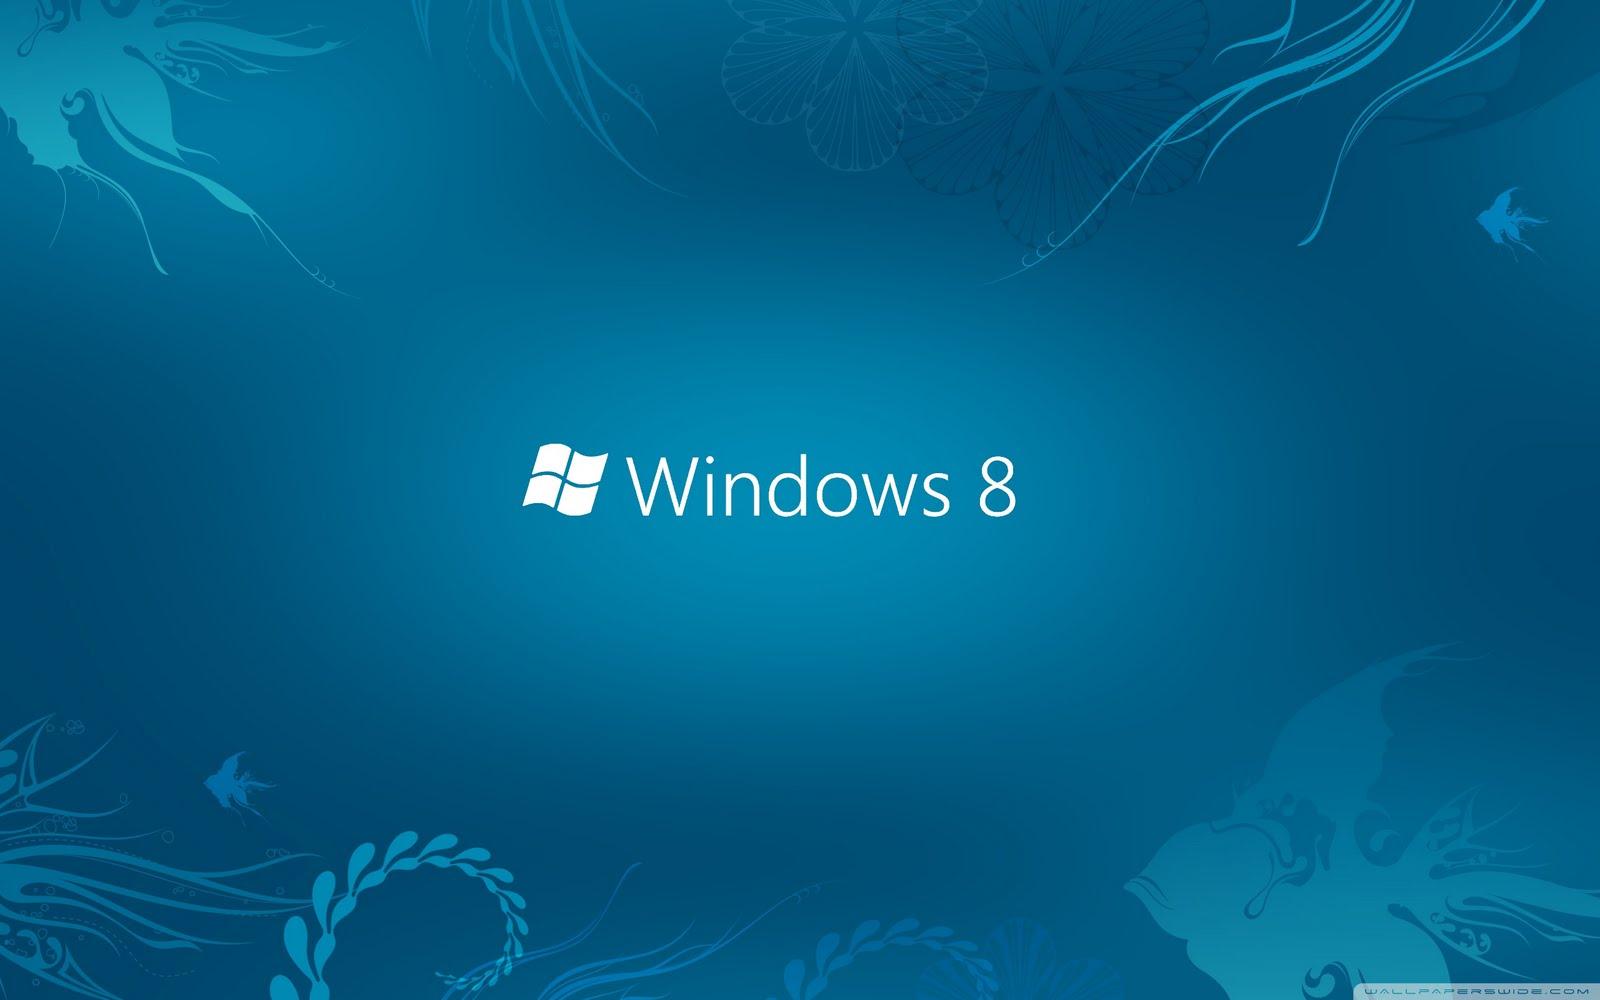 ویندوز 8 رسما عرضه شد